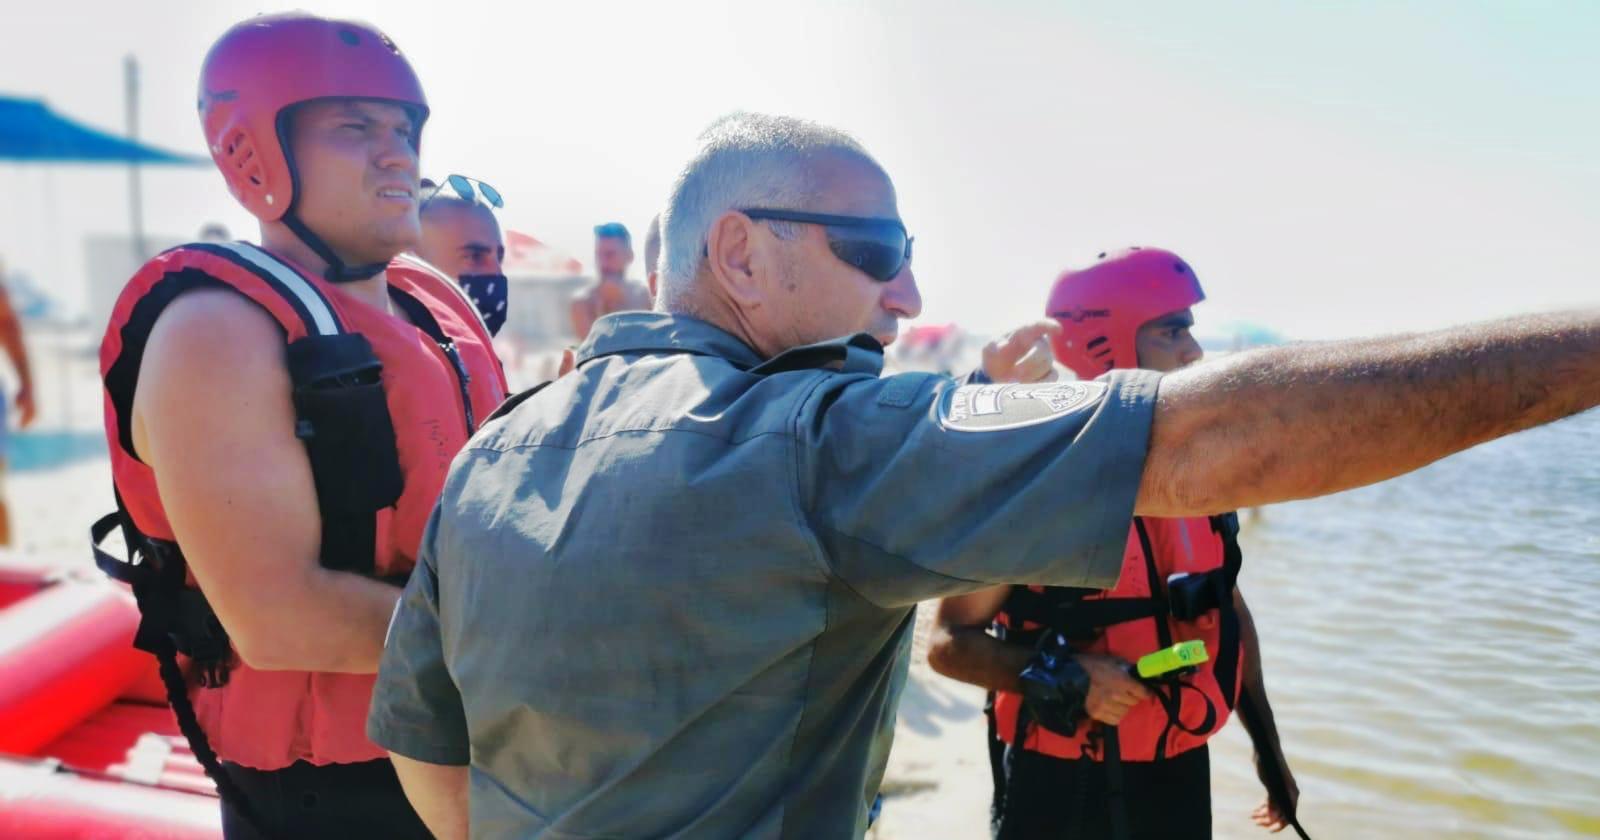 קרדיט לצילומים תיעוד מבצעי כבאות והצלה